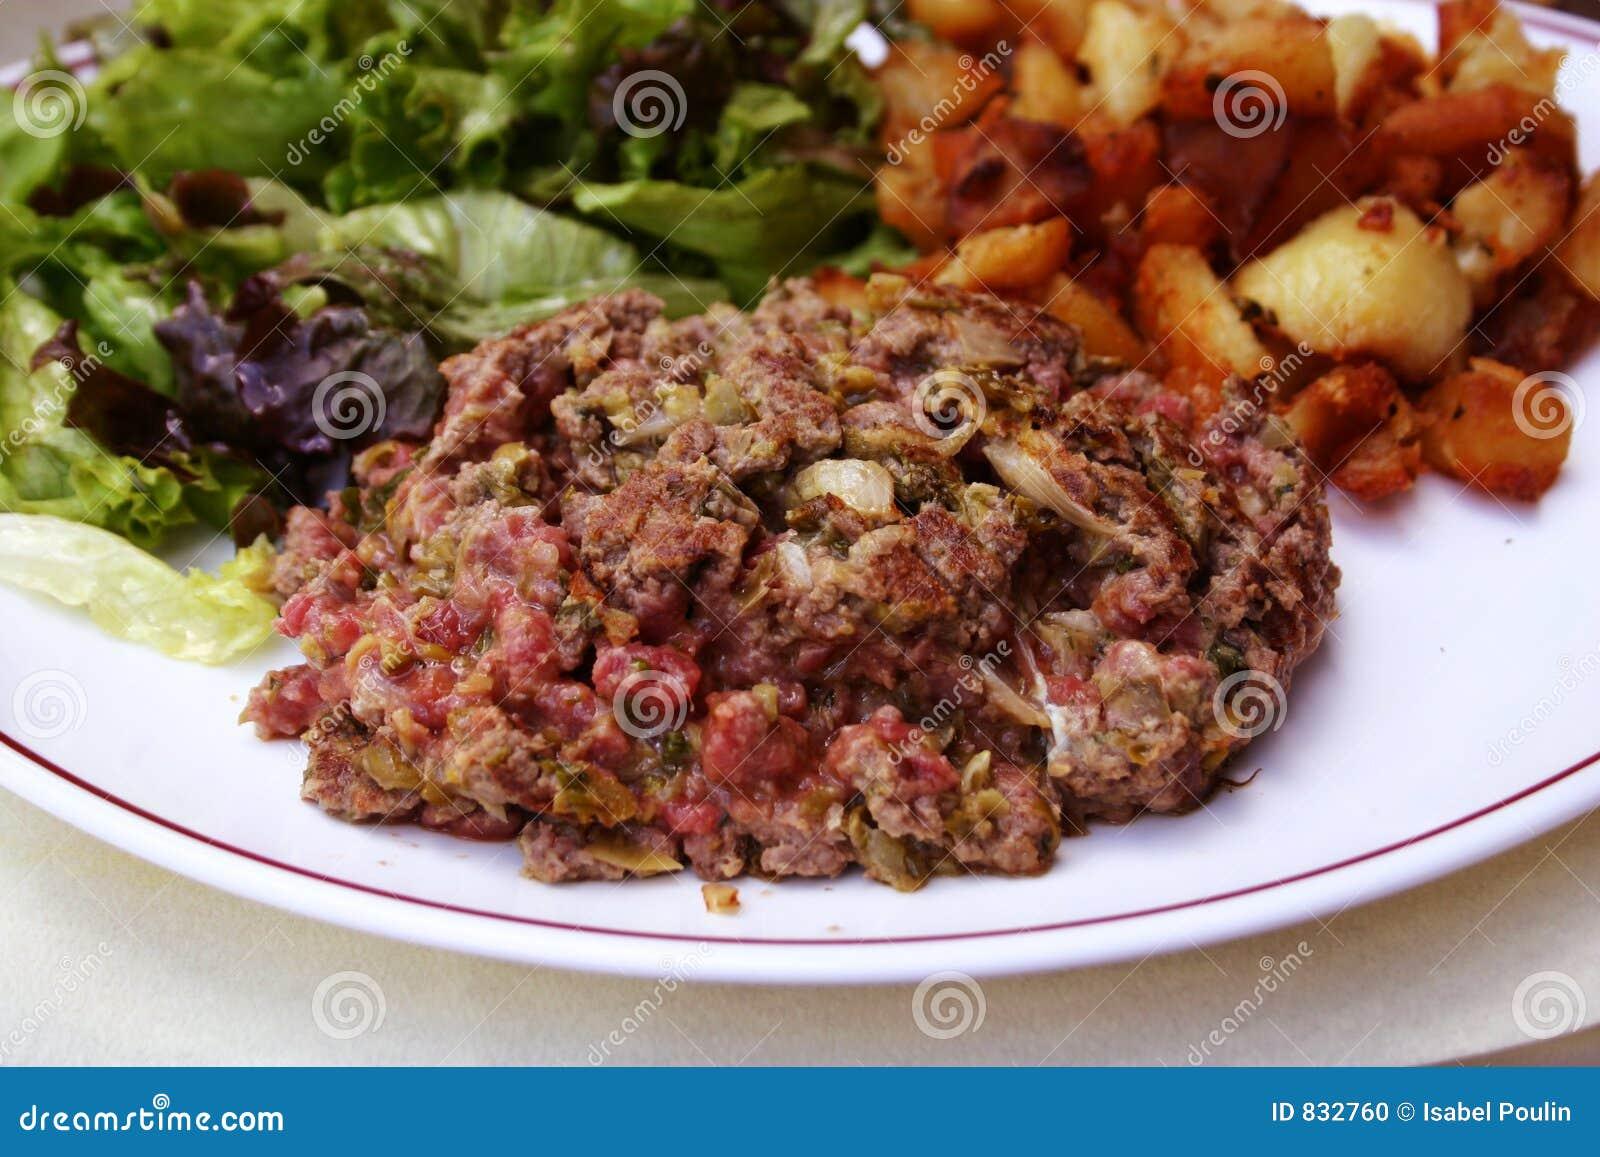 how to eat steak tartare